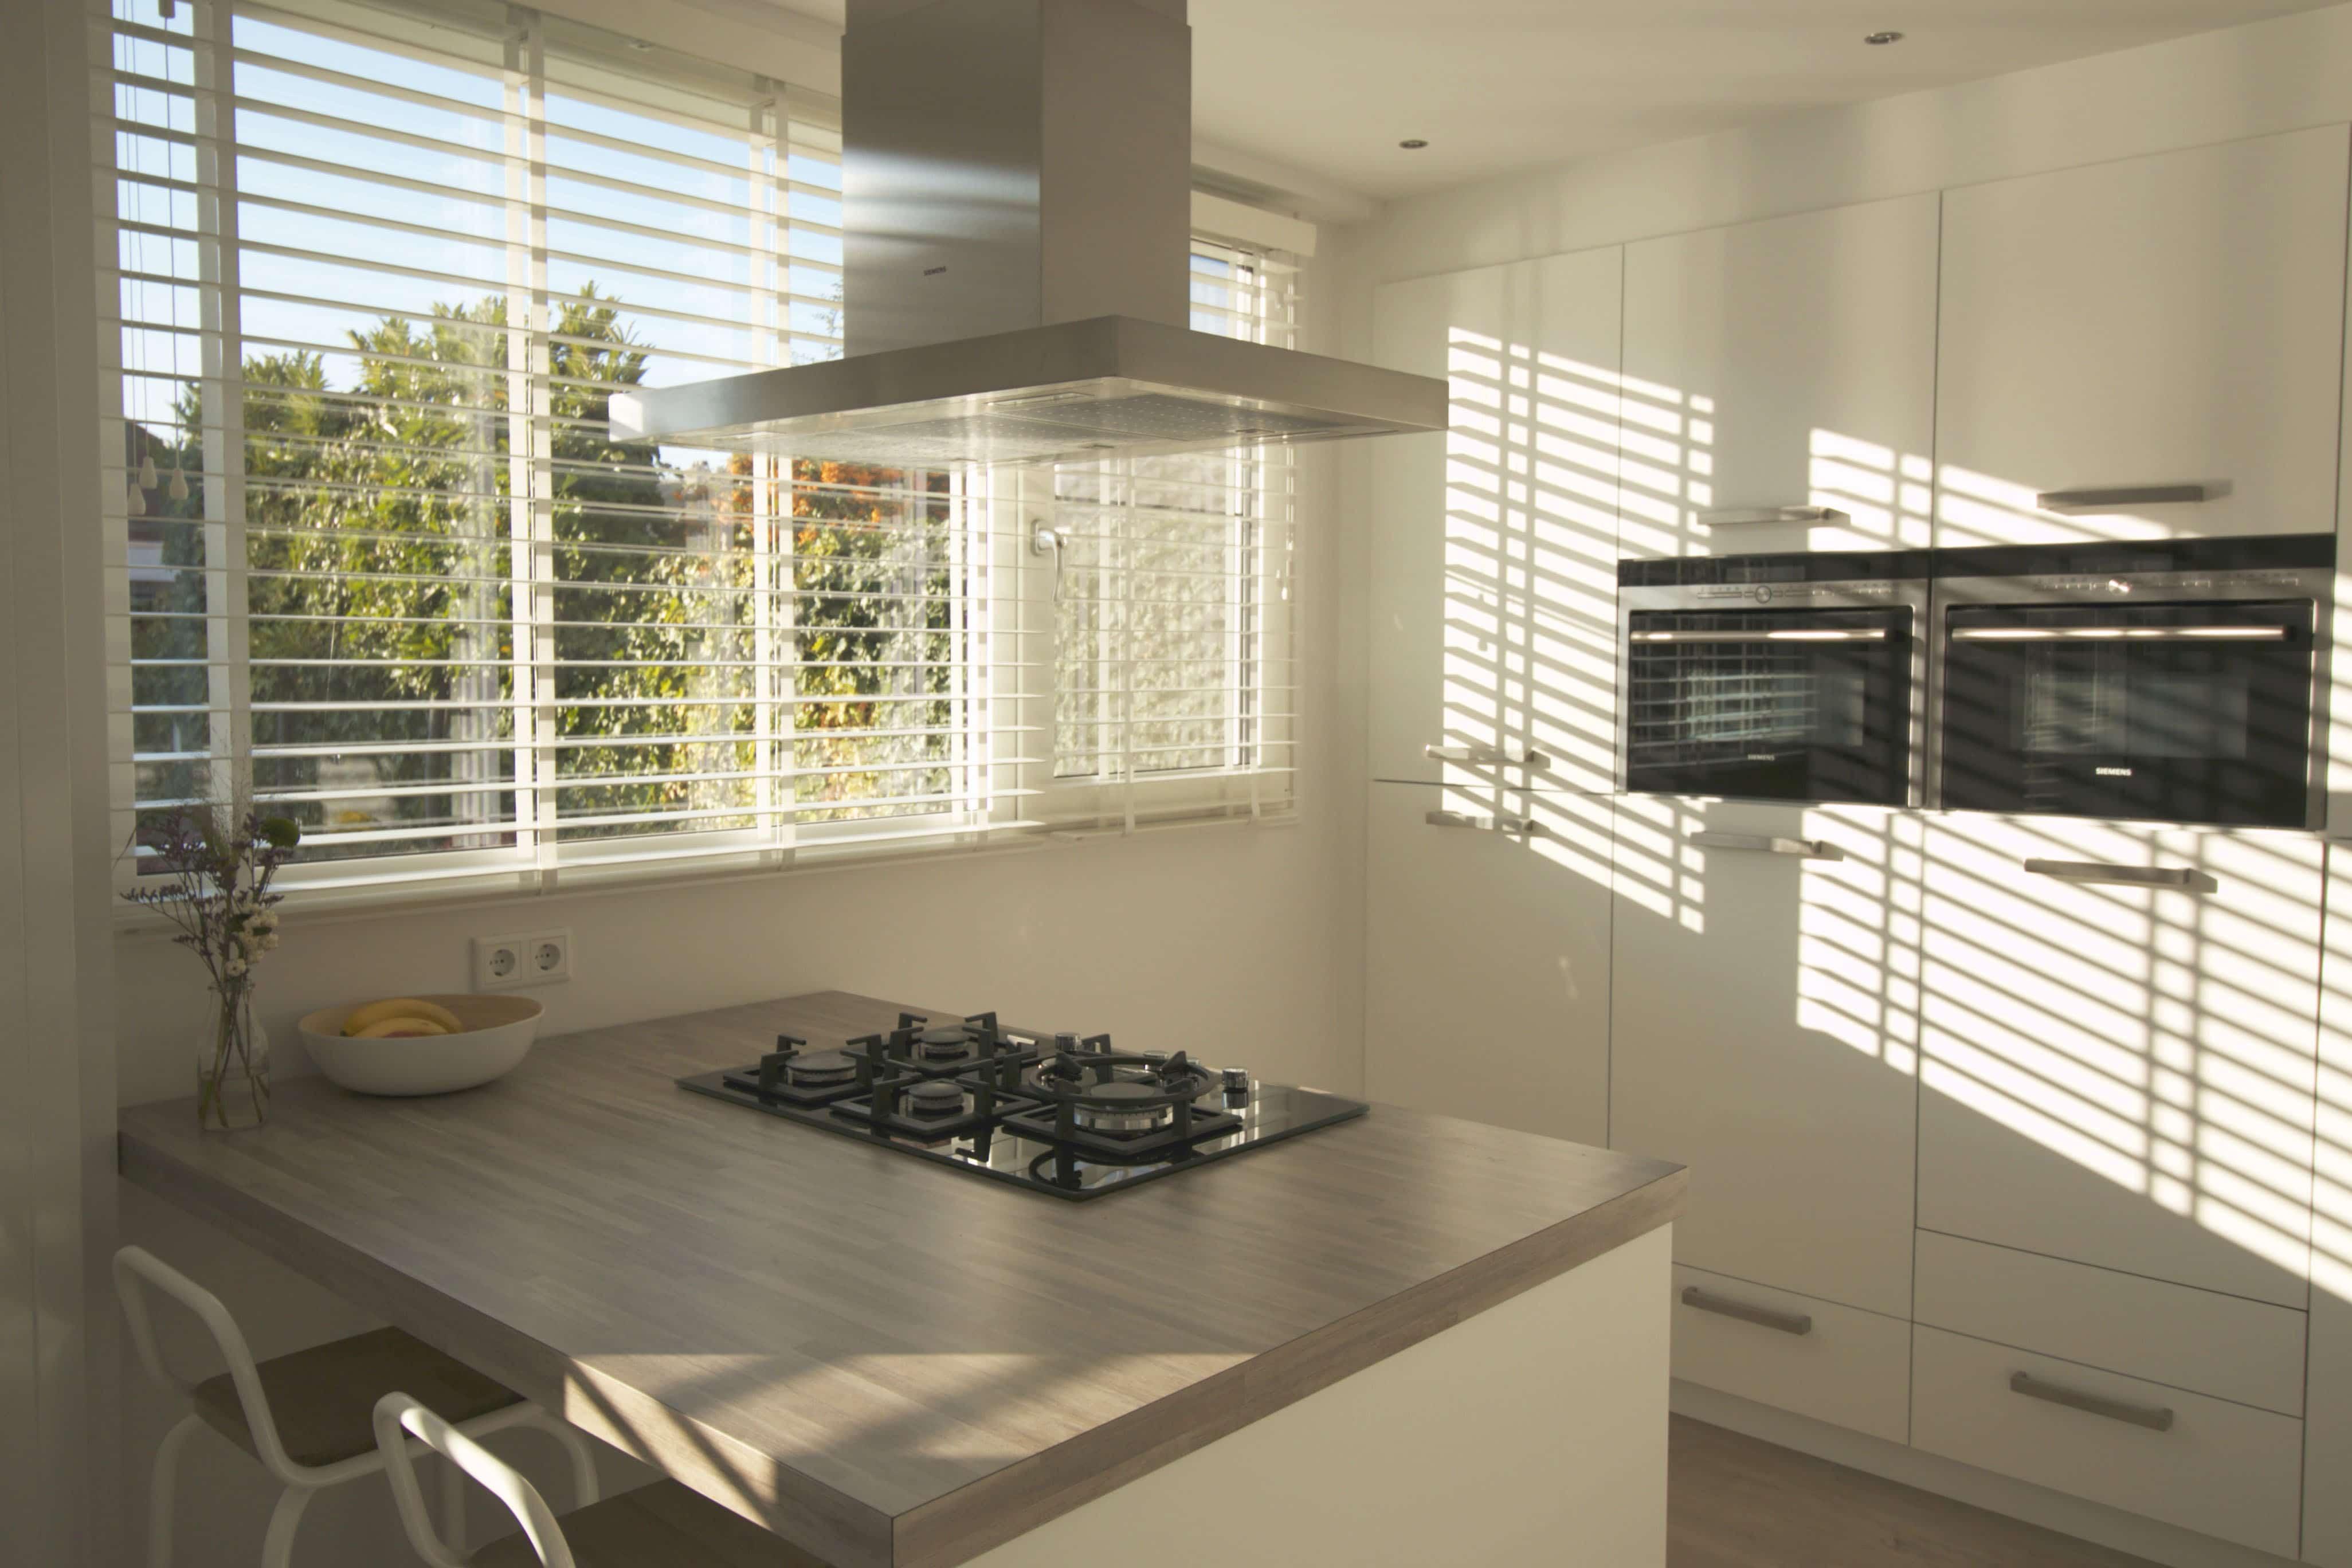 Keuken met houten jaloezieen wit en houten keukenblad